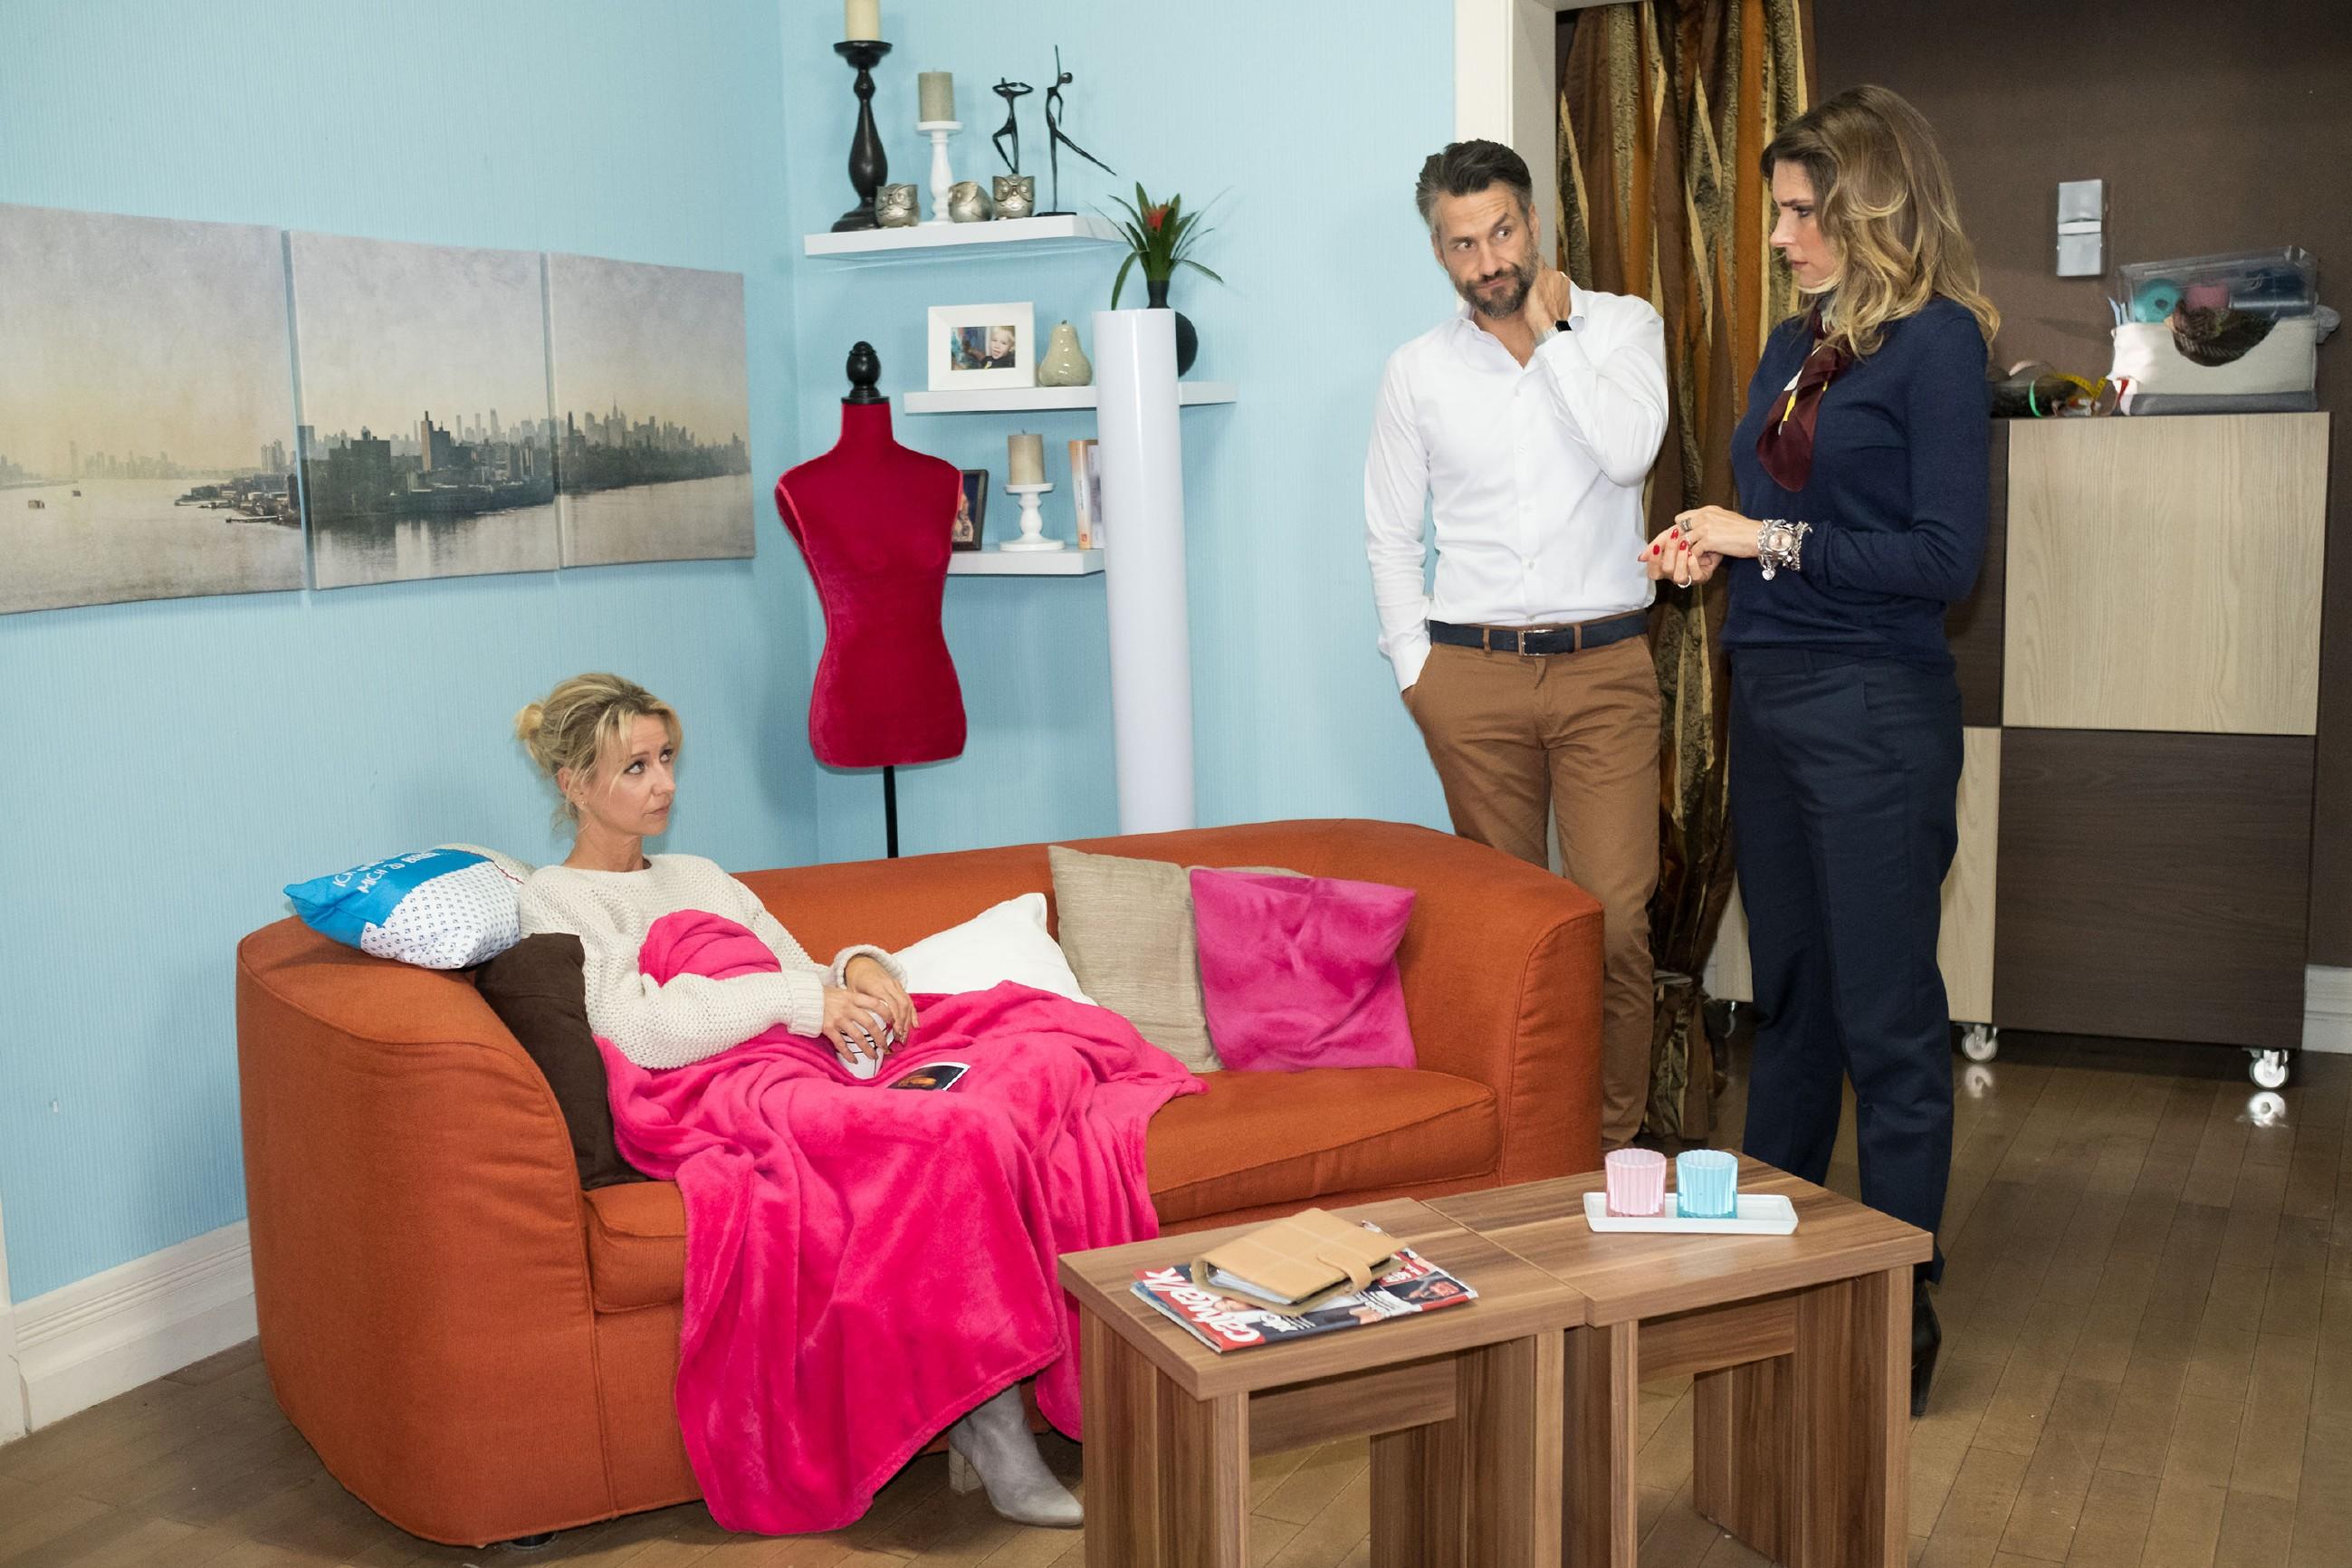 Ute (Isabell Hertel, l.) lässt ihre Wut auf Till in Gegenwart von Malte (Stefan Bockelmann) an Eva (Claudelle Deckert) aus. (Quelle: RTL / Stefan Behrens)